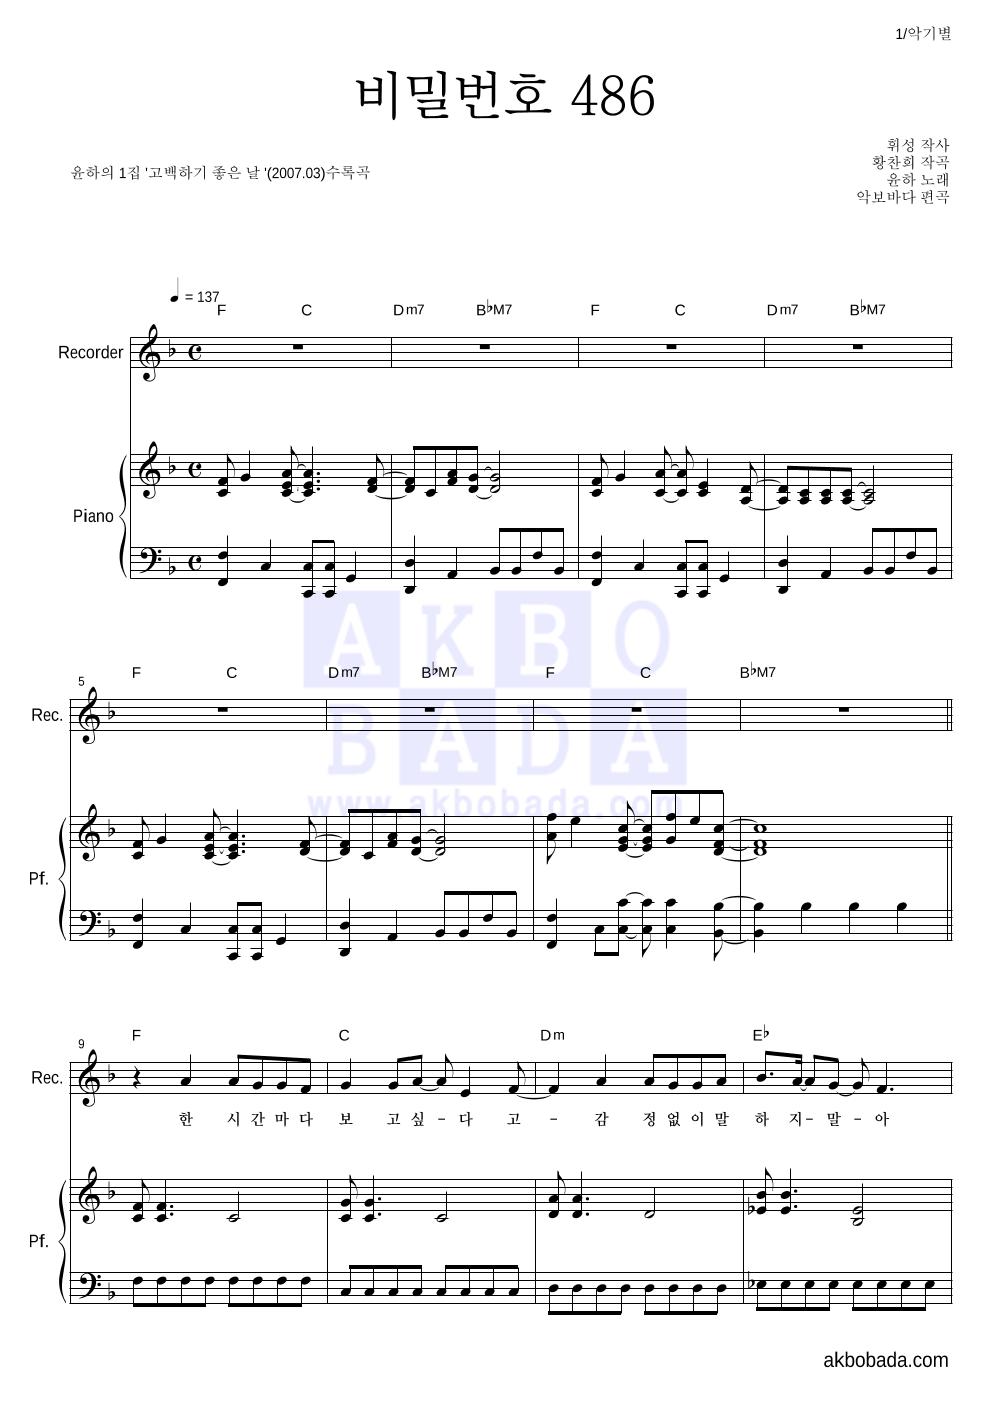 윤하 - 비밀번호 486 리코더&피아노 악보